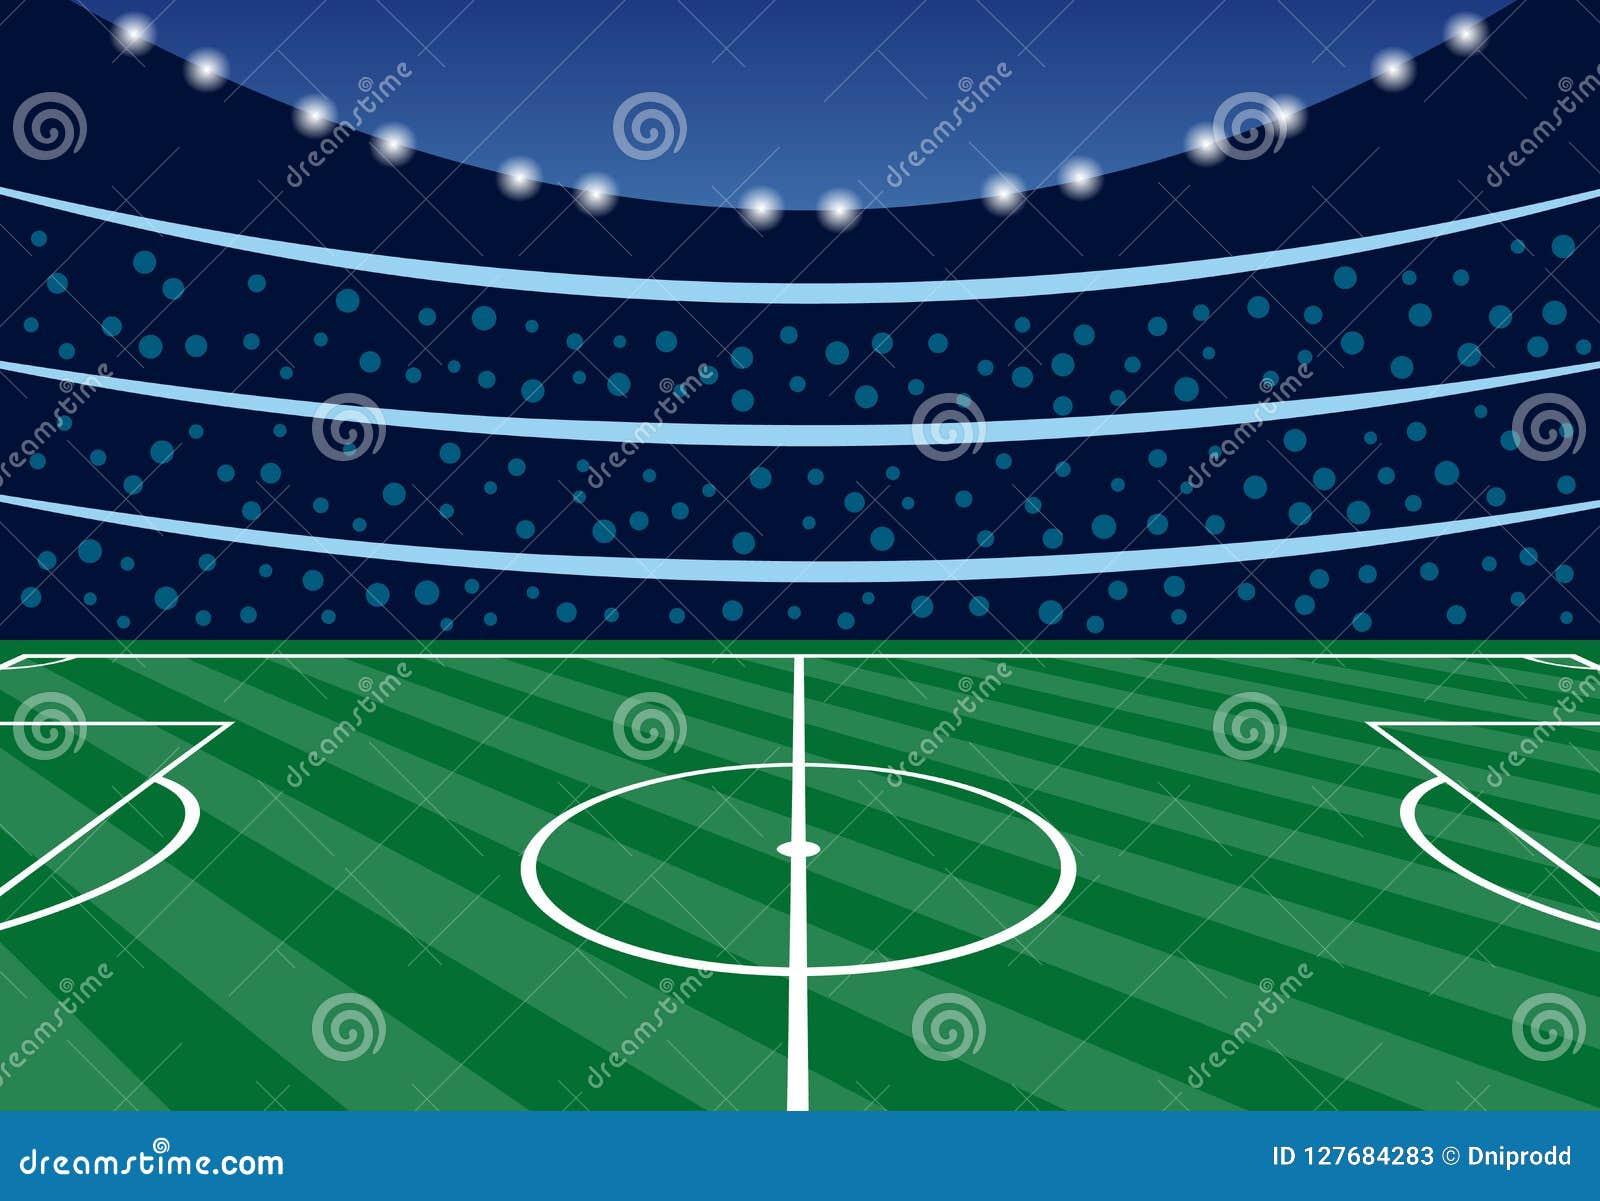 Fussballstadion Mit Tribunen Am Abend Vektor Abbildung